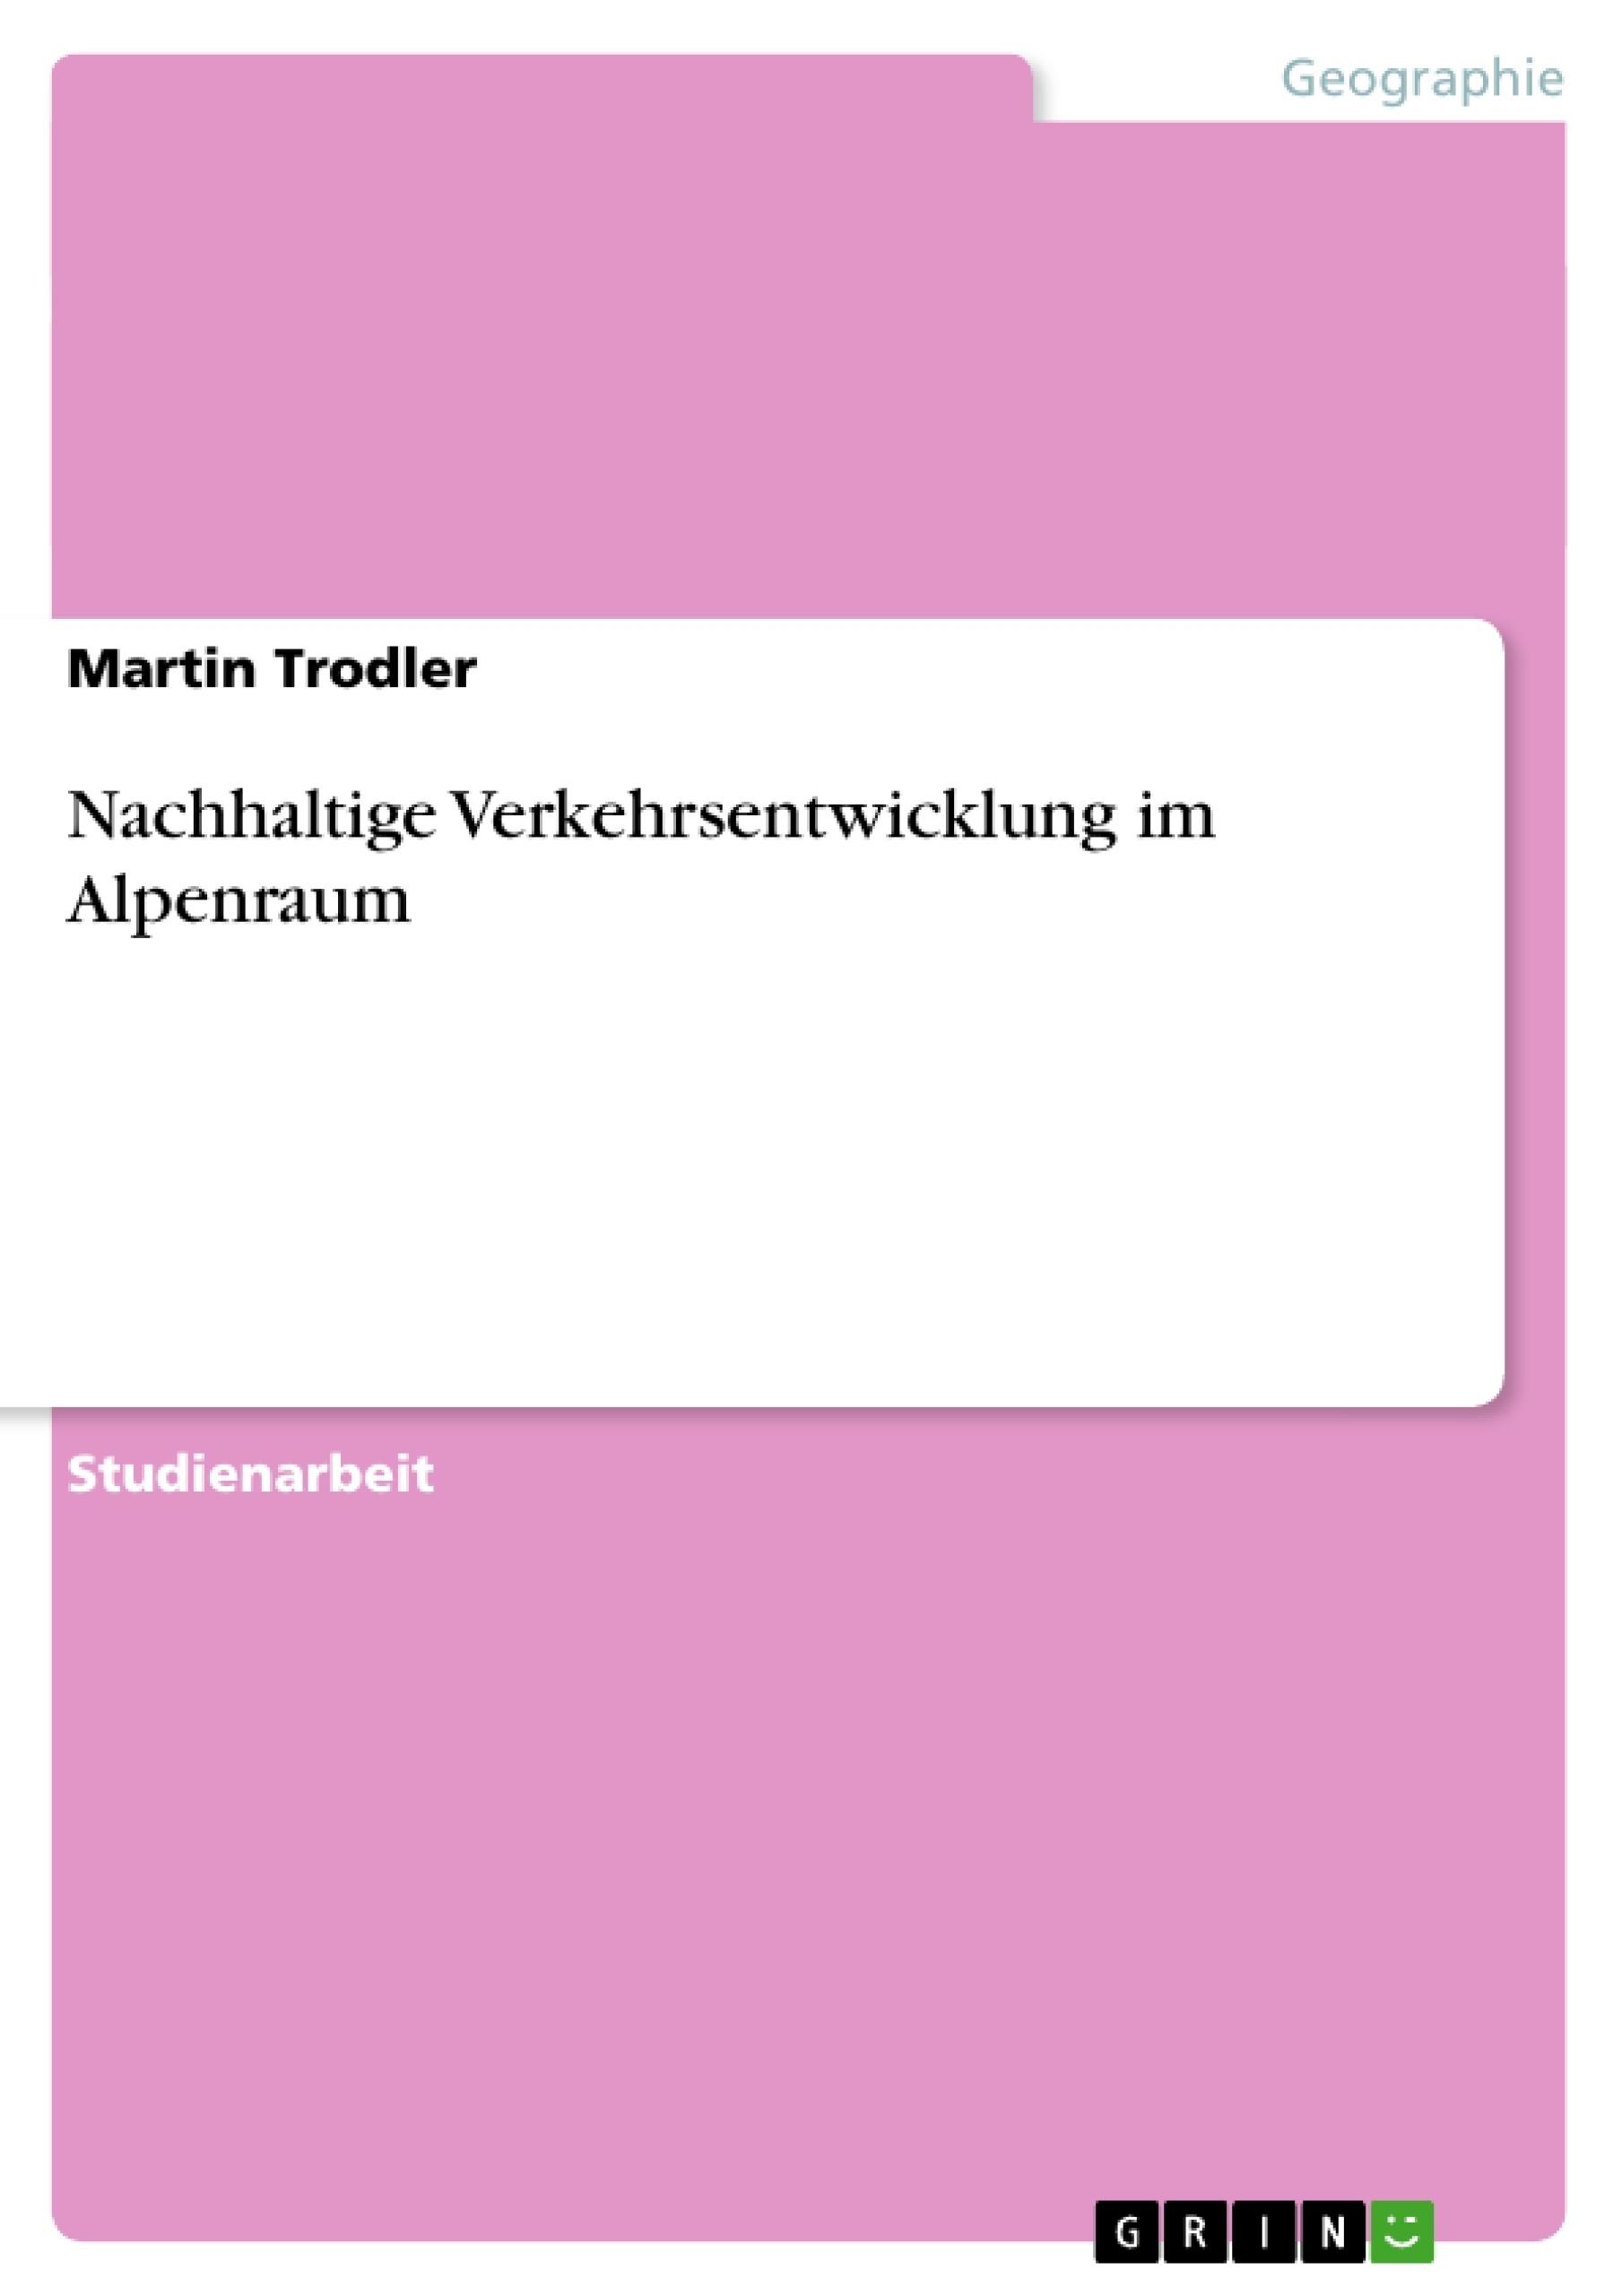 Titel: Nachhaltige Verkehrsentwicklung im Alpenraum